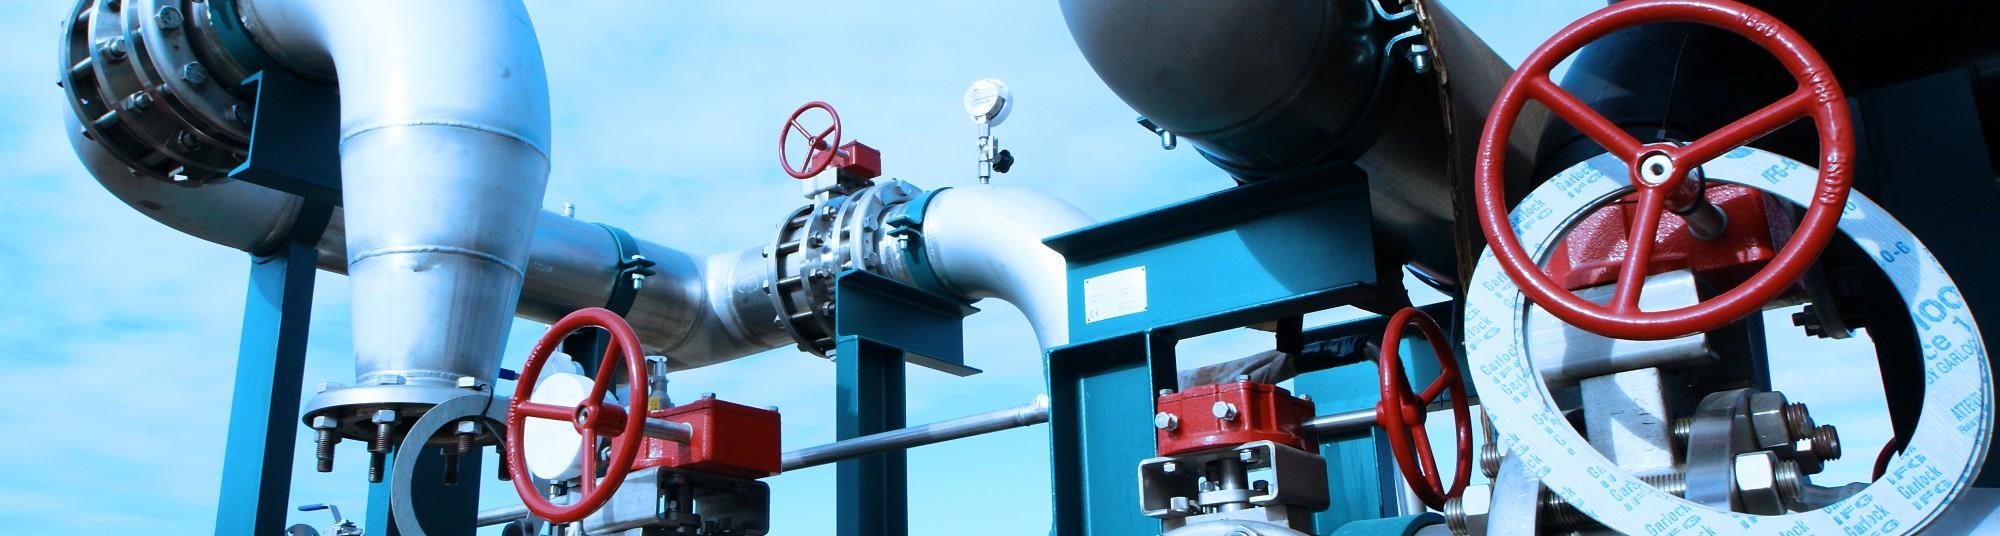 Obowiązkowy Audyt Energetyczny Przedsiębiorstwa